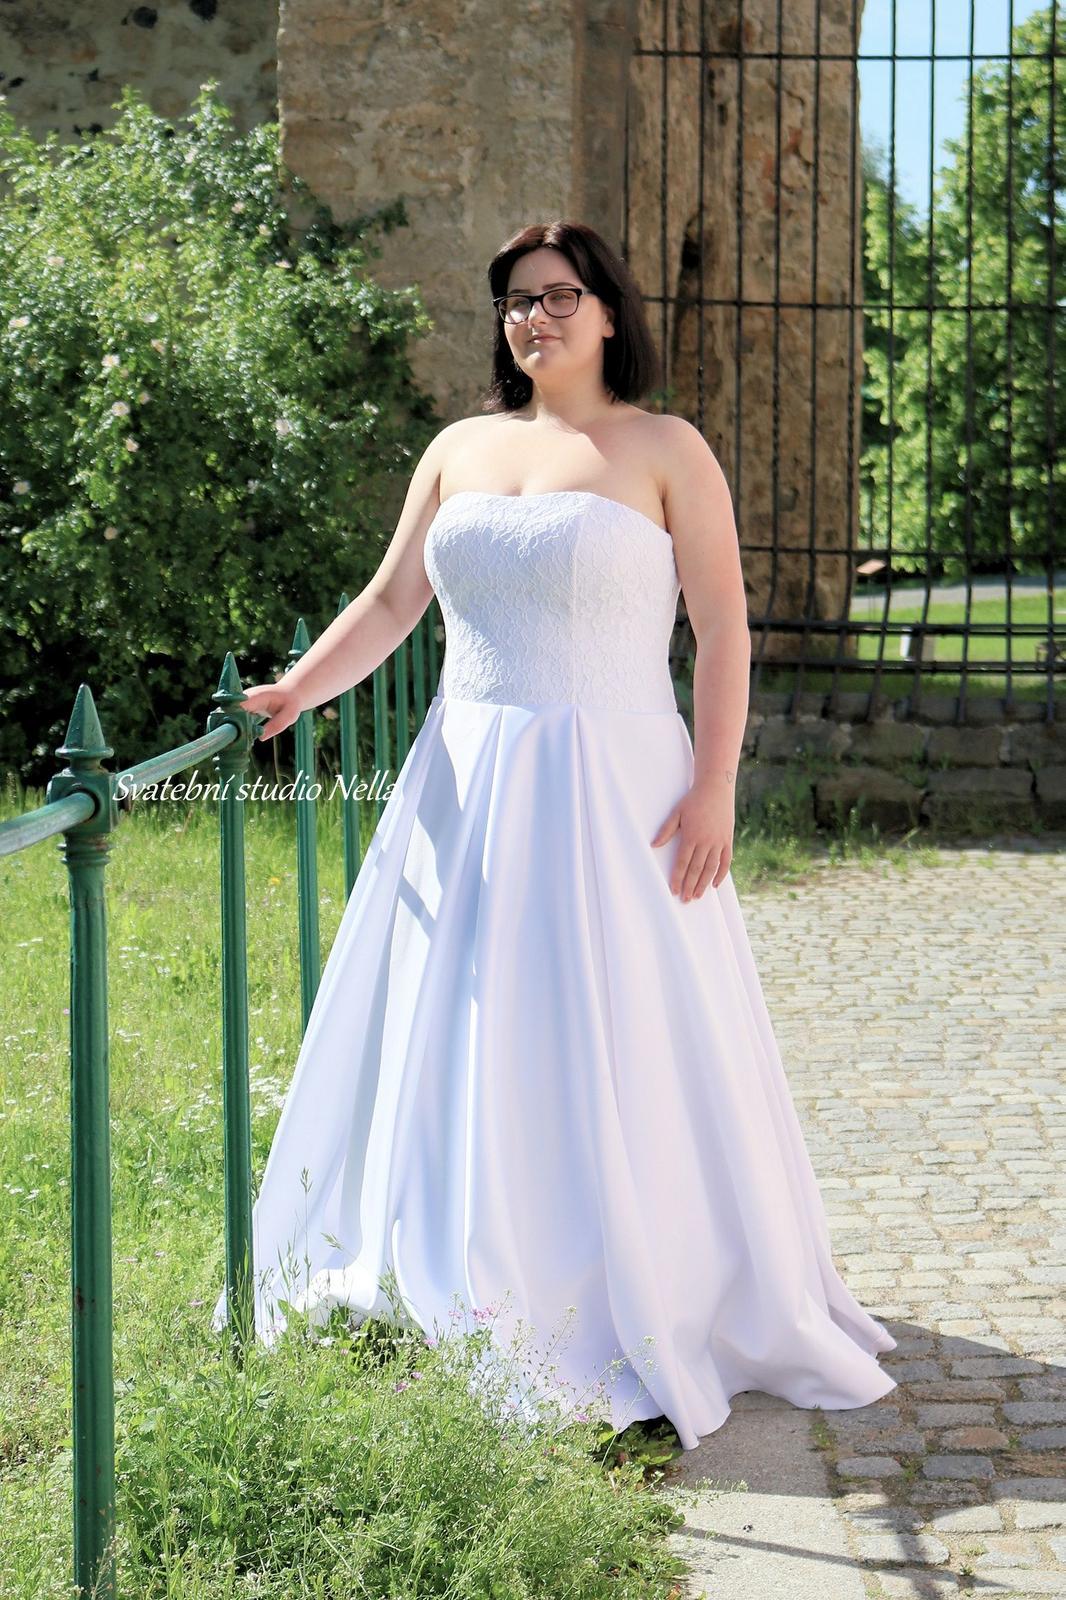 Svatební šaty XXL pro plnoštíhlé nevěsty - Svatební šaty Plus size - velikosti a ceny na našem webu www.svatebninella.cz